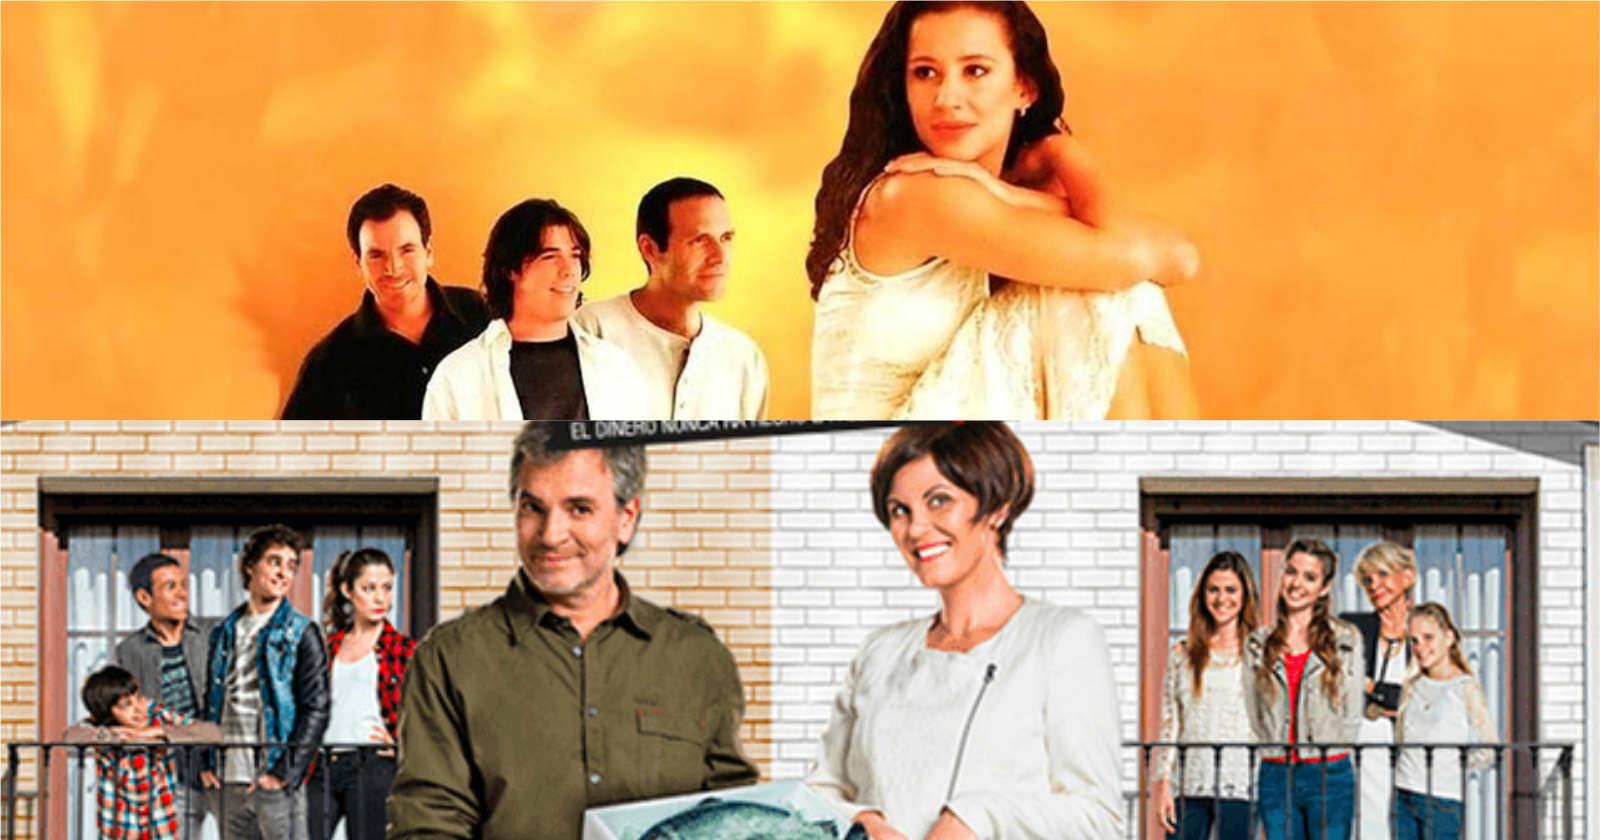 Los factores que evalúan los canales para decidir qué teleseries serán reestrenadas